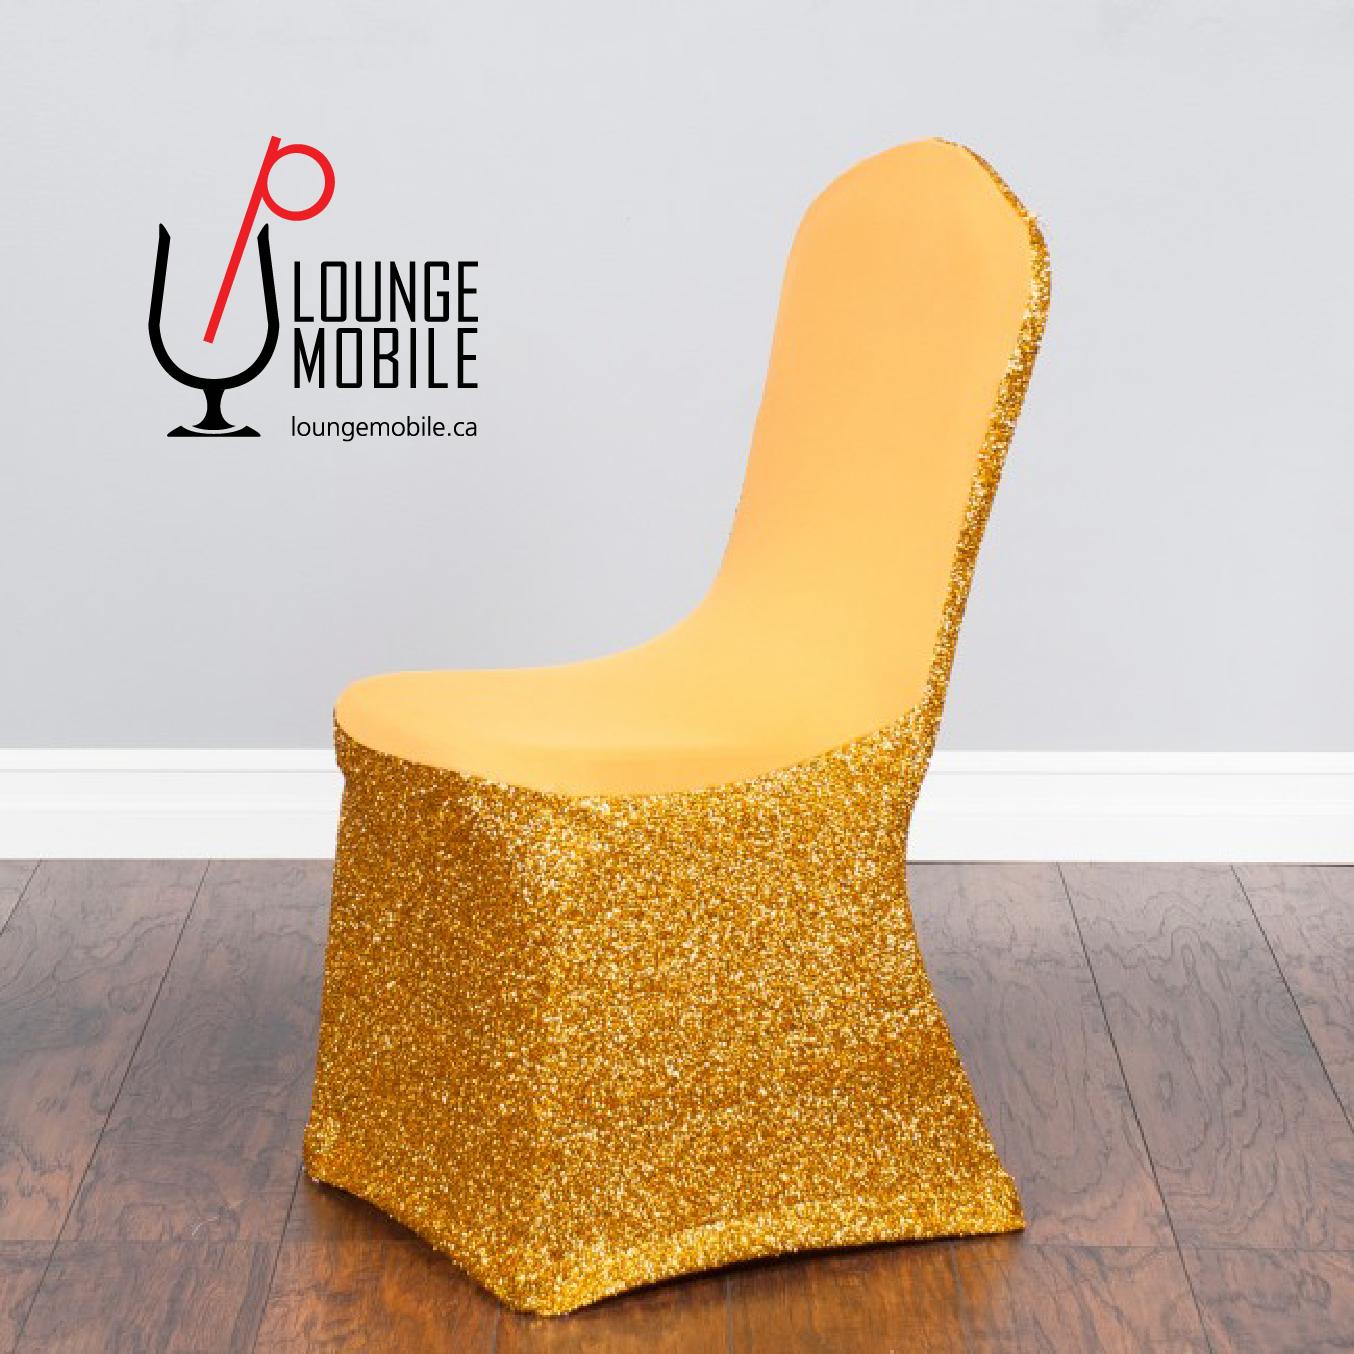 Housse de chaise lycra avec brillants or d coration les productions c l brason site officiel - Housse de chaise dossier rond ...